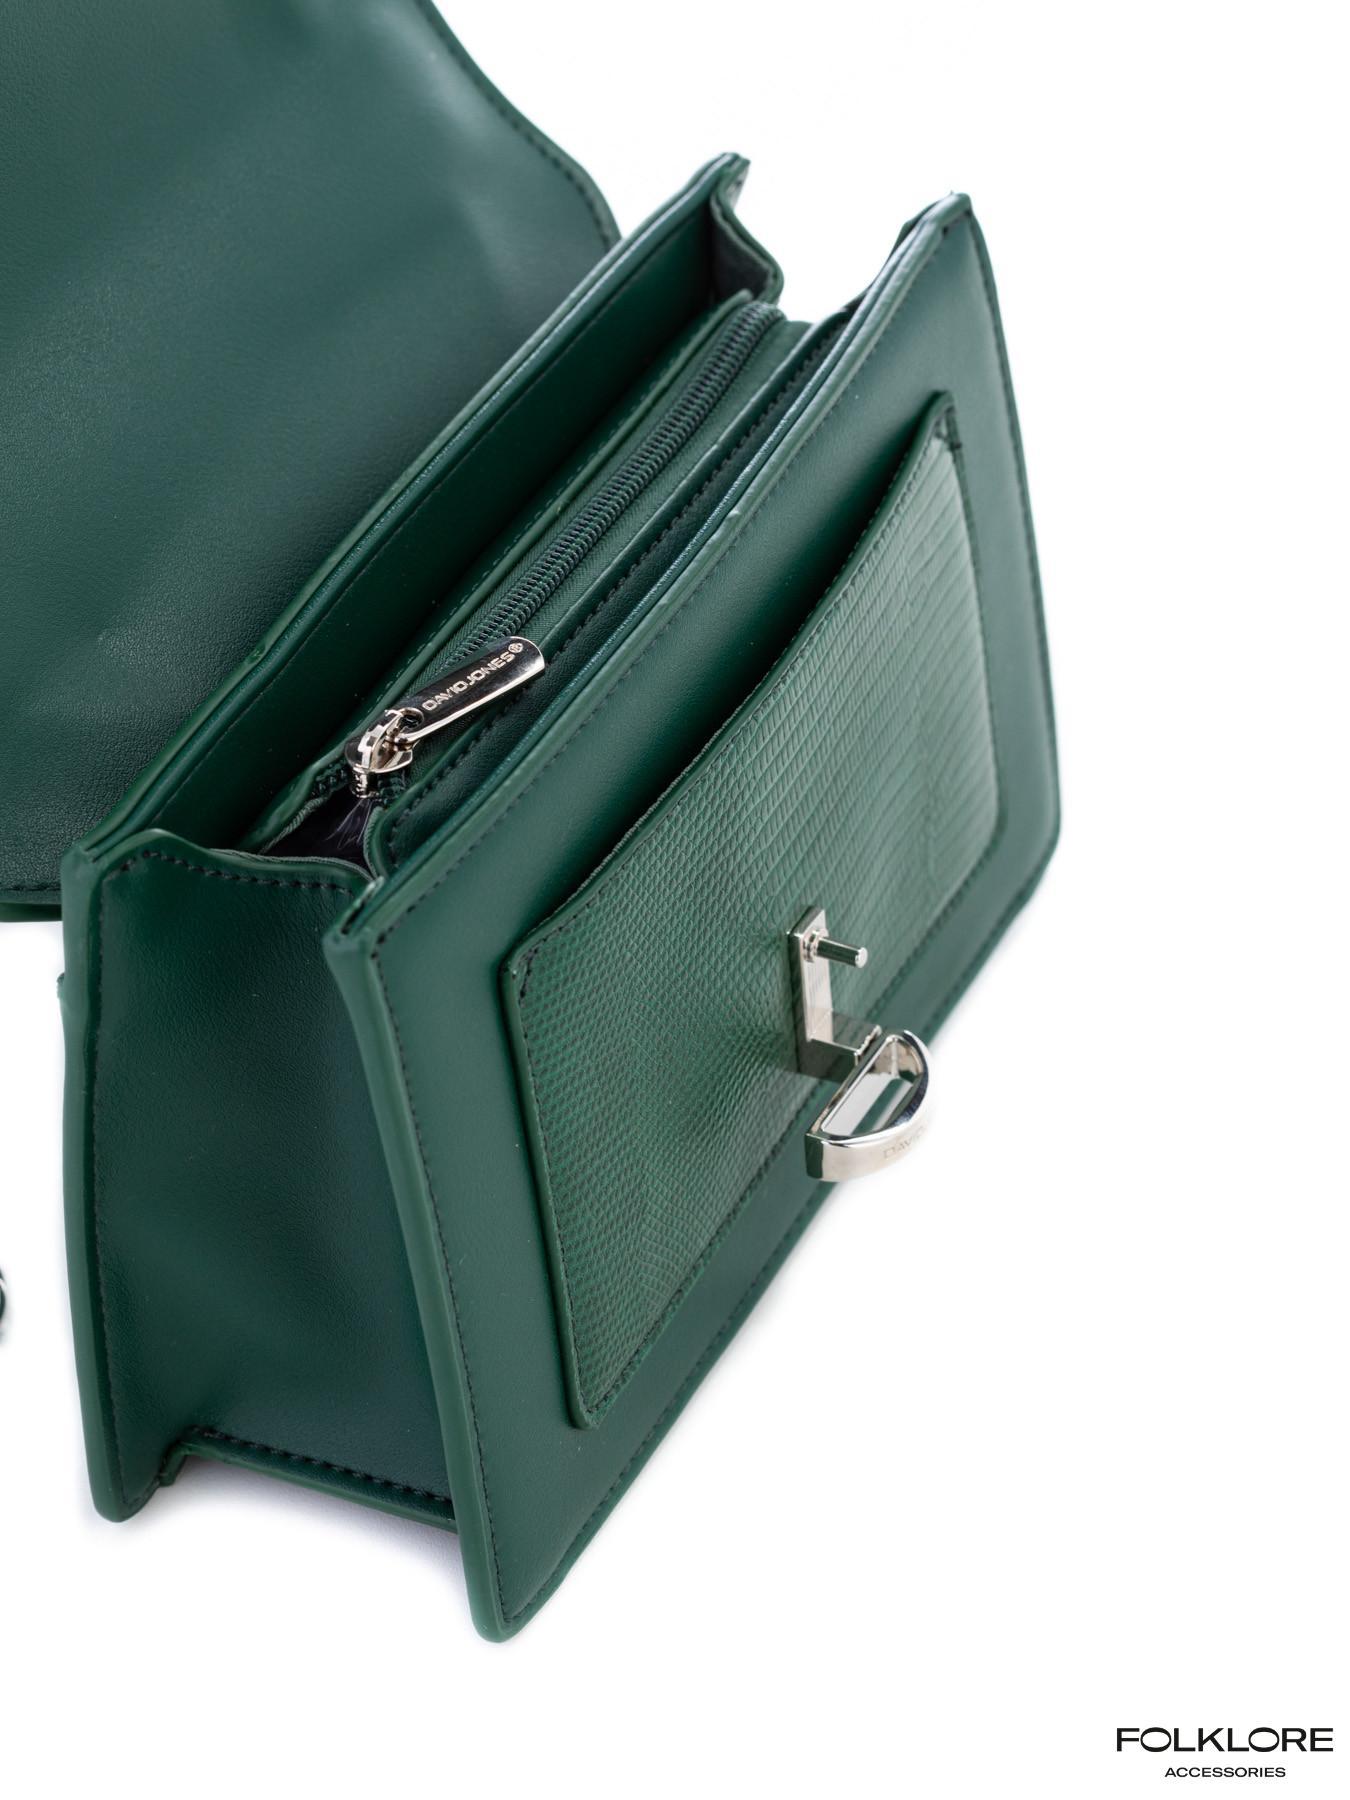 DAVID JONES Elegantna zelena tašnica sa srebrnim lancem